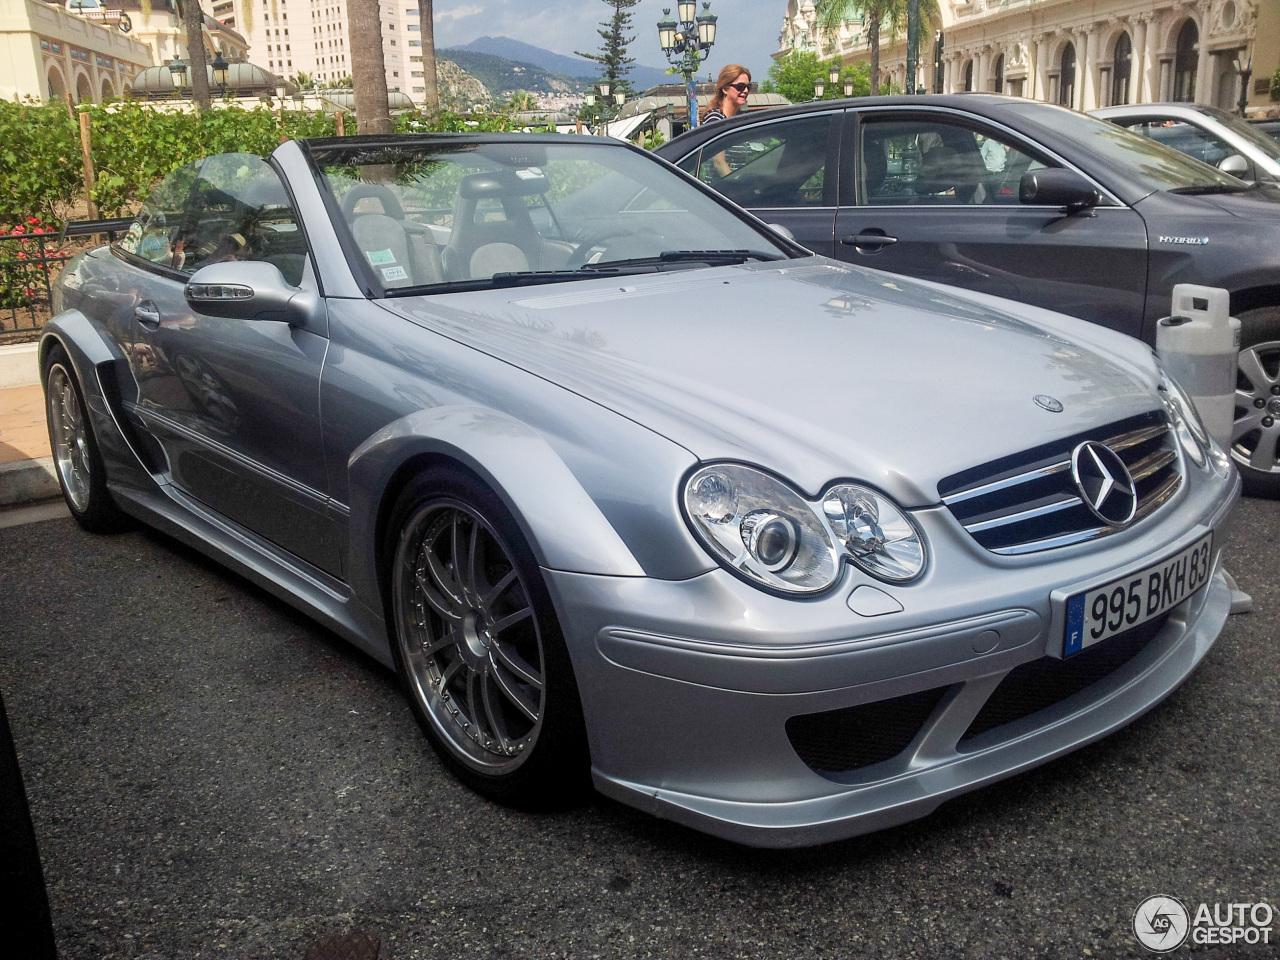 Mercedes benz clk dtm amg cabriolet 9 september 2013 for Mercedes benz clk 2013